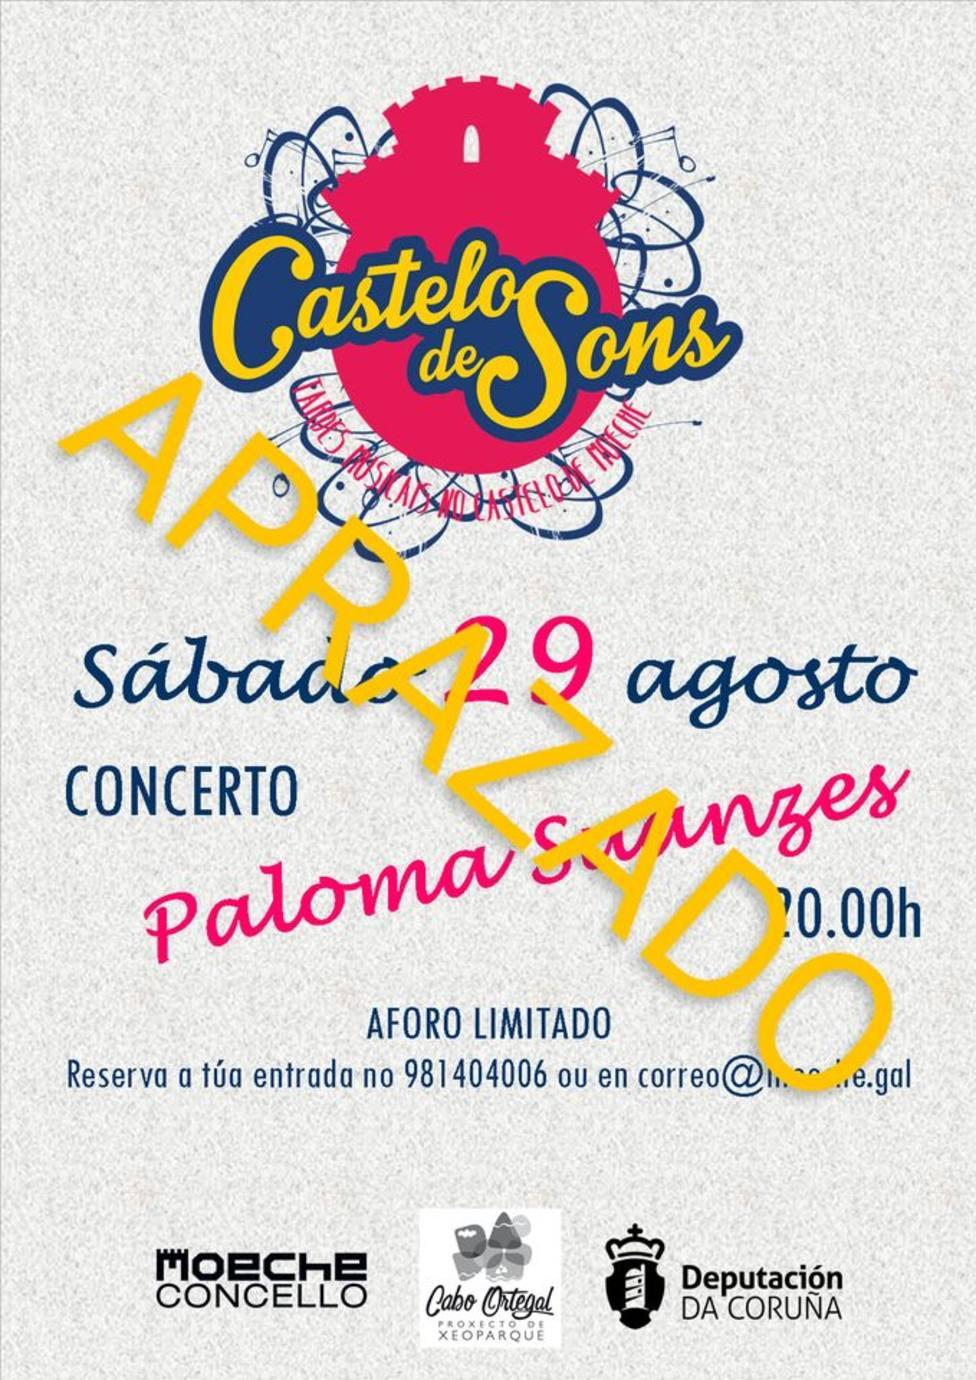 Se aplaza el concierto de Paloma Suances en Moeche - FOTO: Concello Moeche